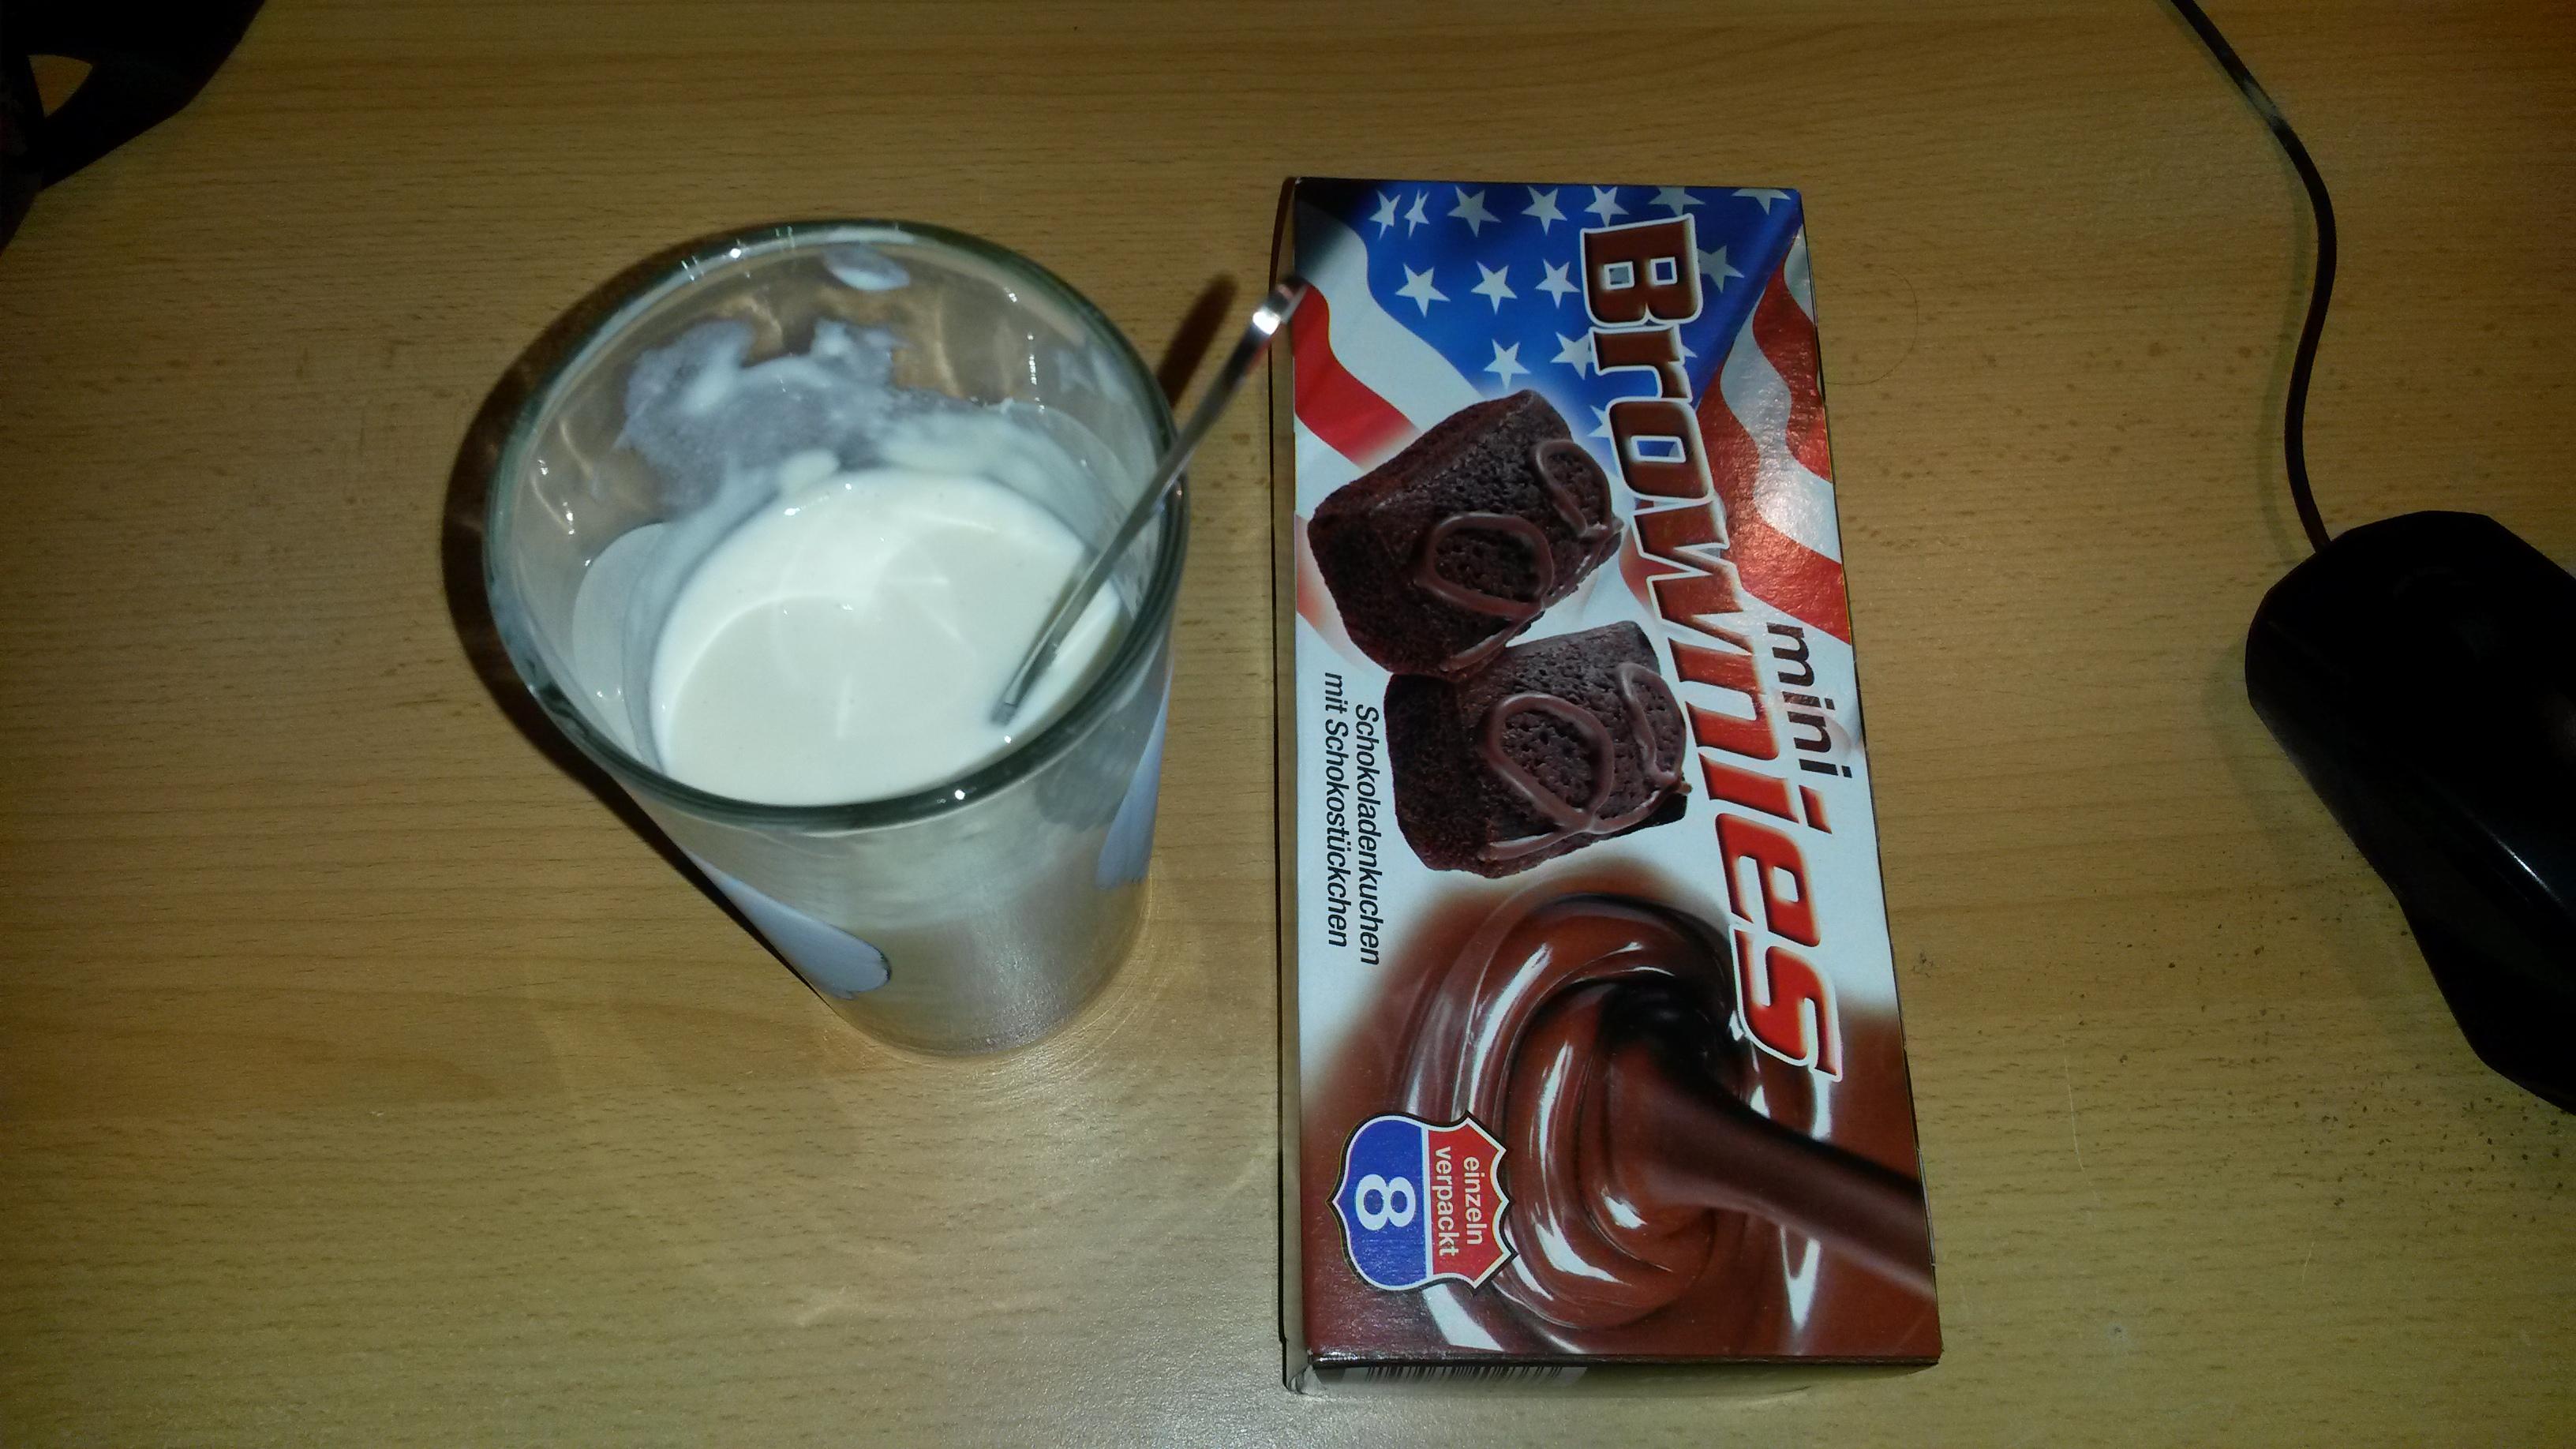 http://foodloader.net/sk0r_2013-12-09_Proteinshake_und_Brownies.jpg